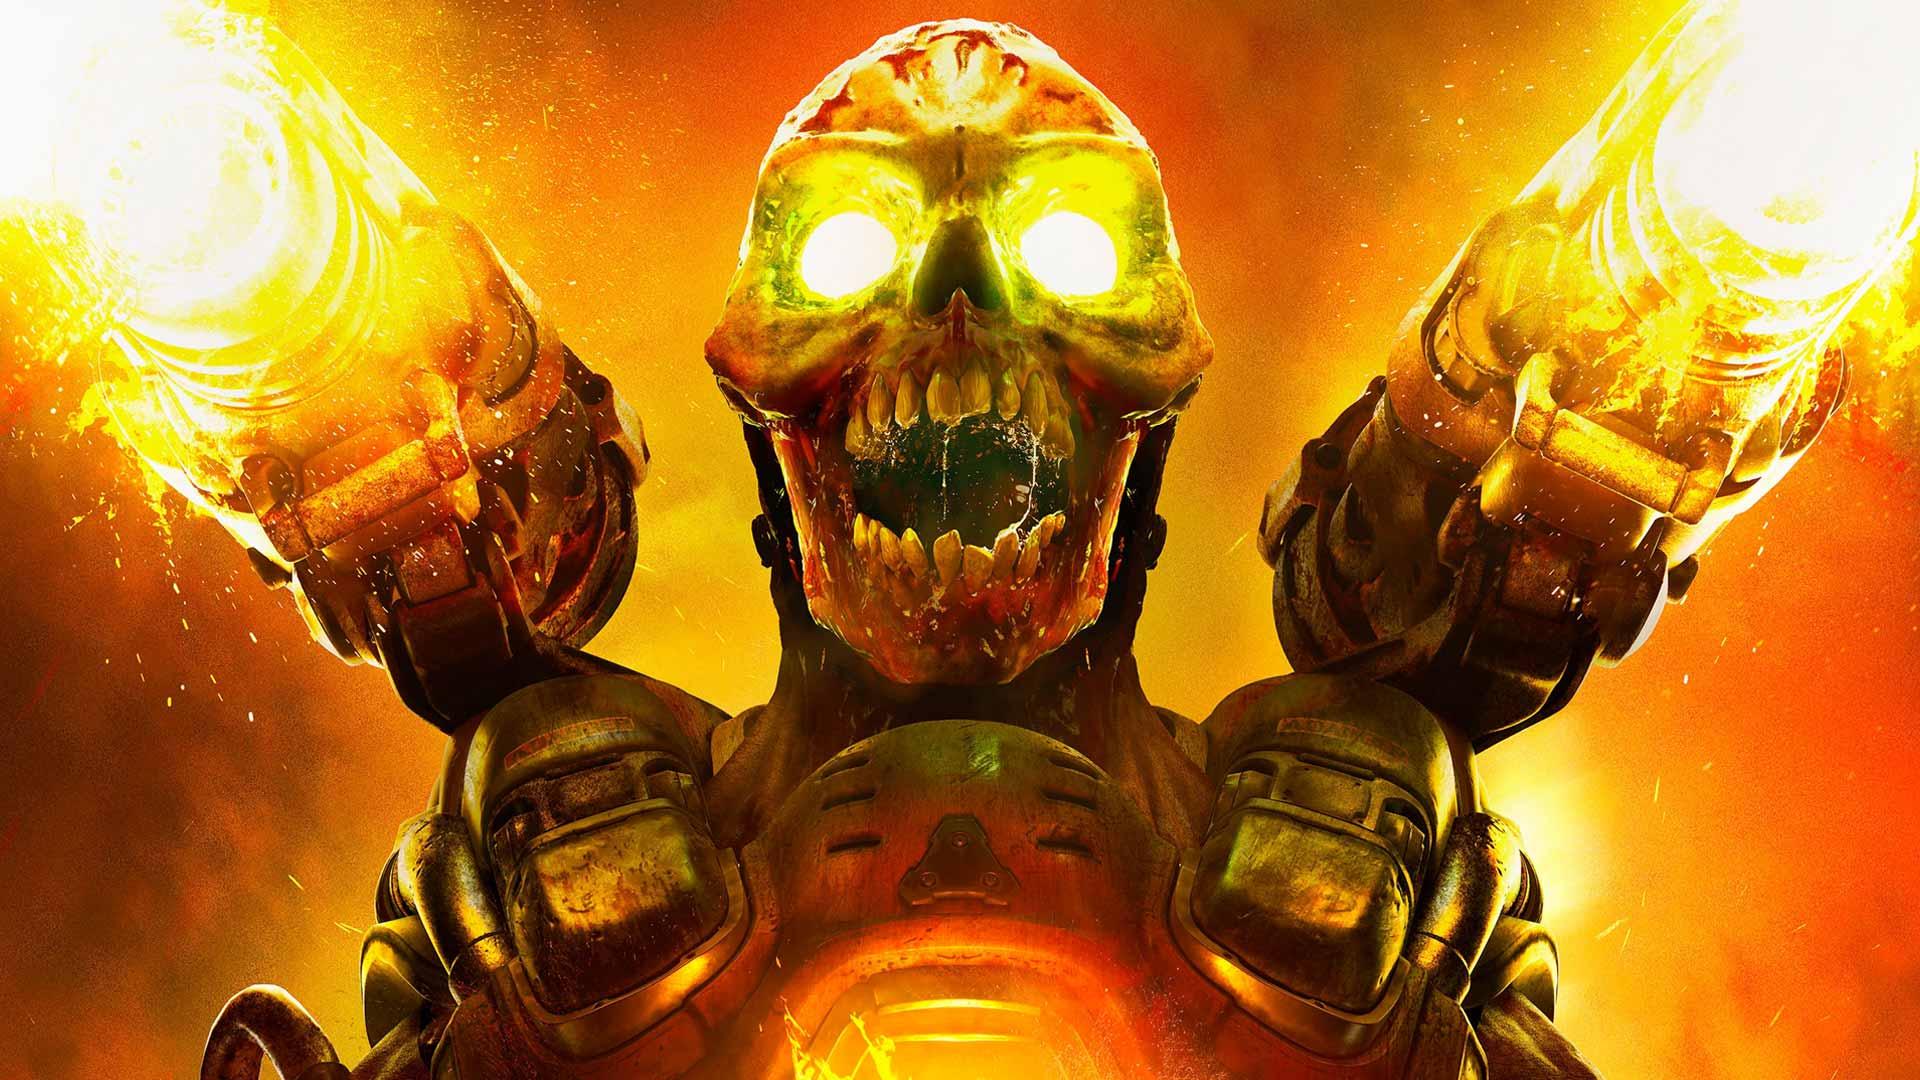 http://www.mediastinger.com/wp-content/uploads/2014/10/Doom-2016-after-credits-hq.jpg